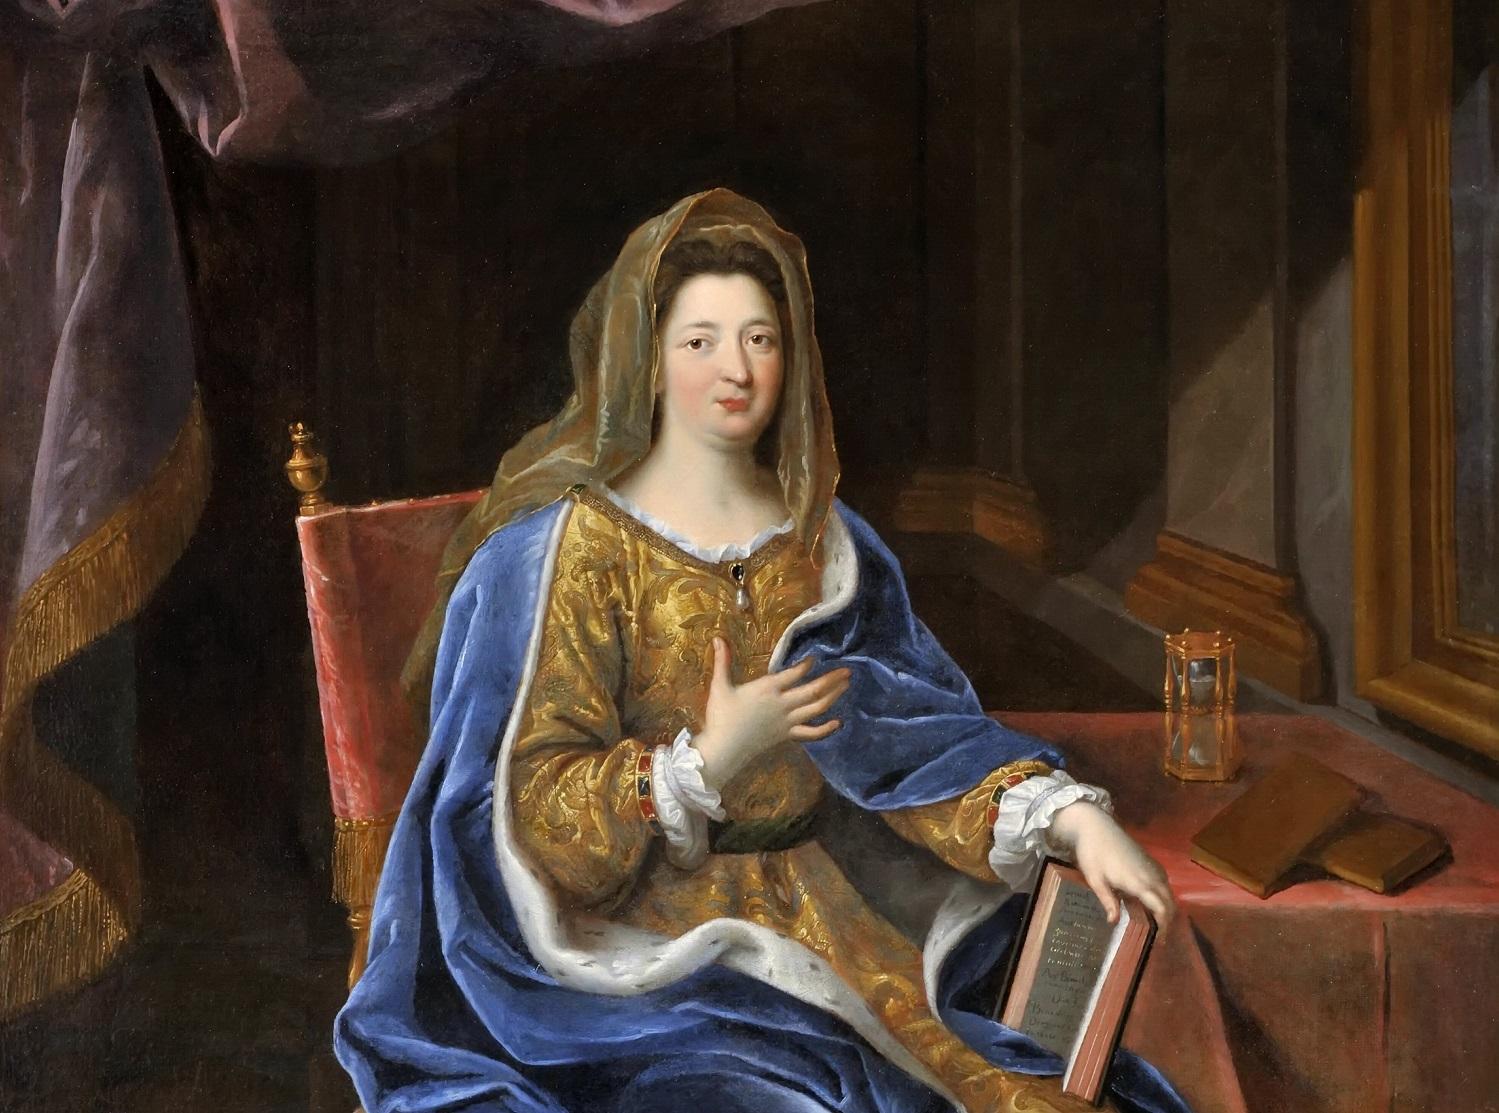 Françoise d'Aubigné, marquise de Maintenon by Pierre Mignard